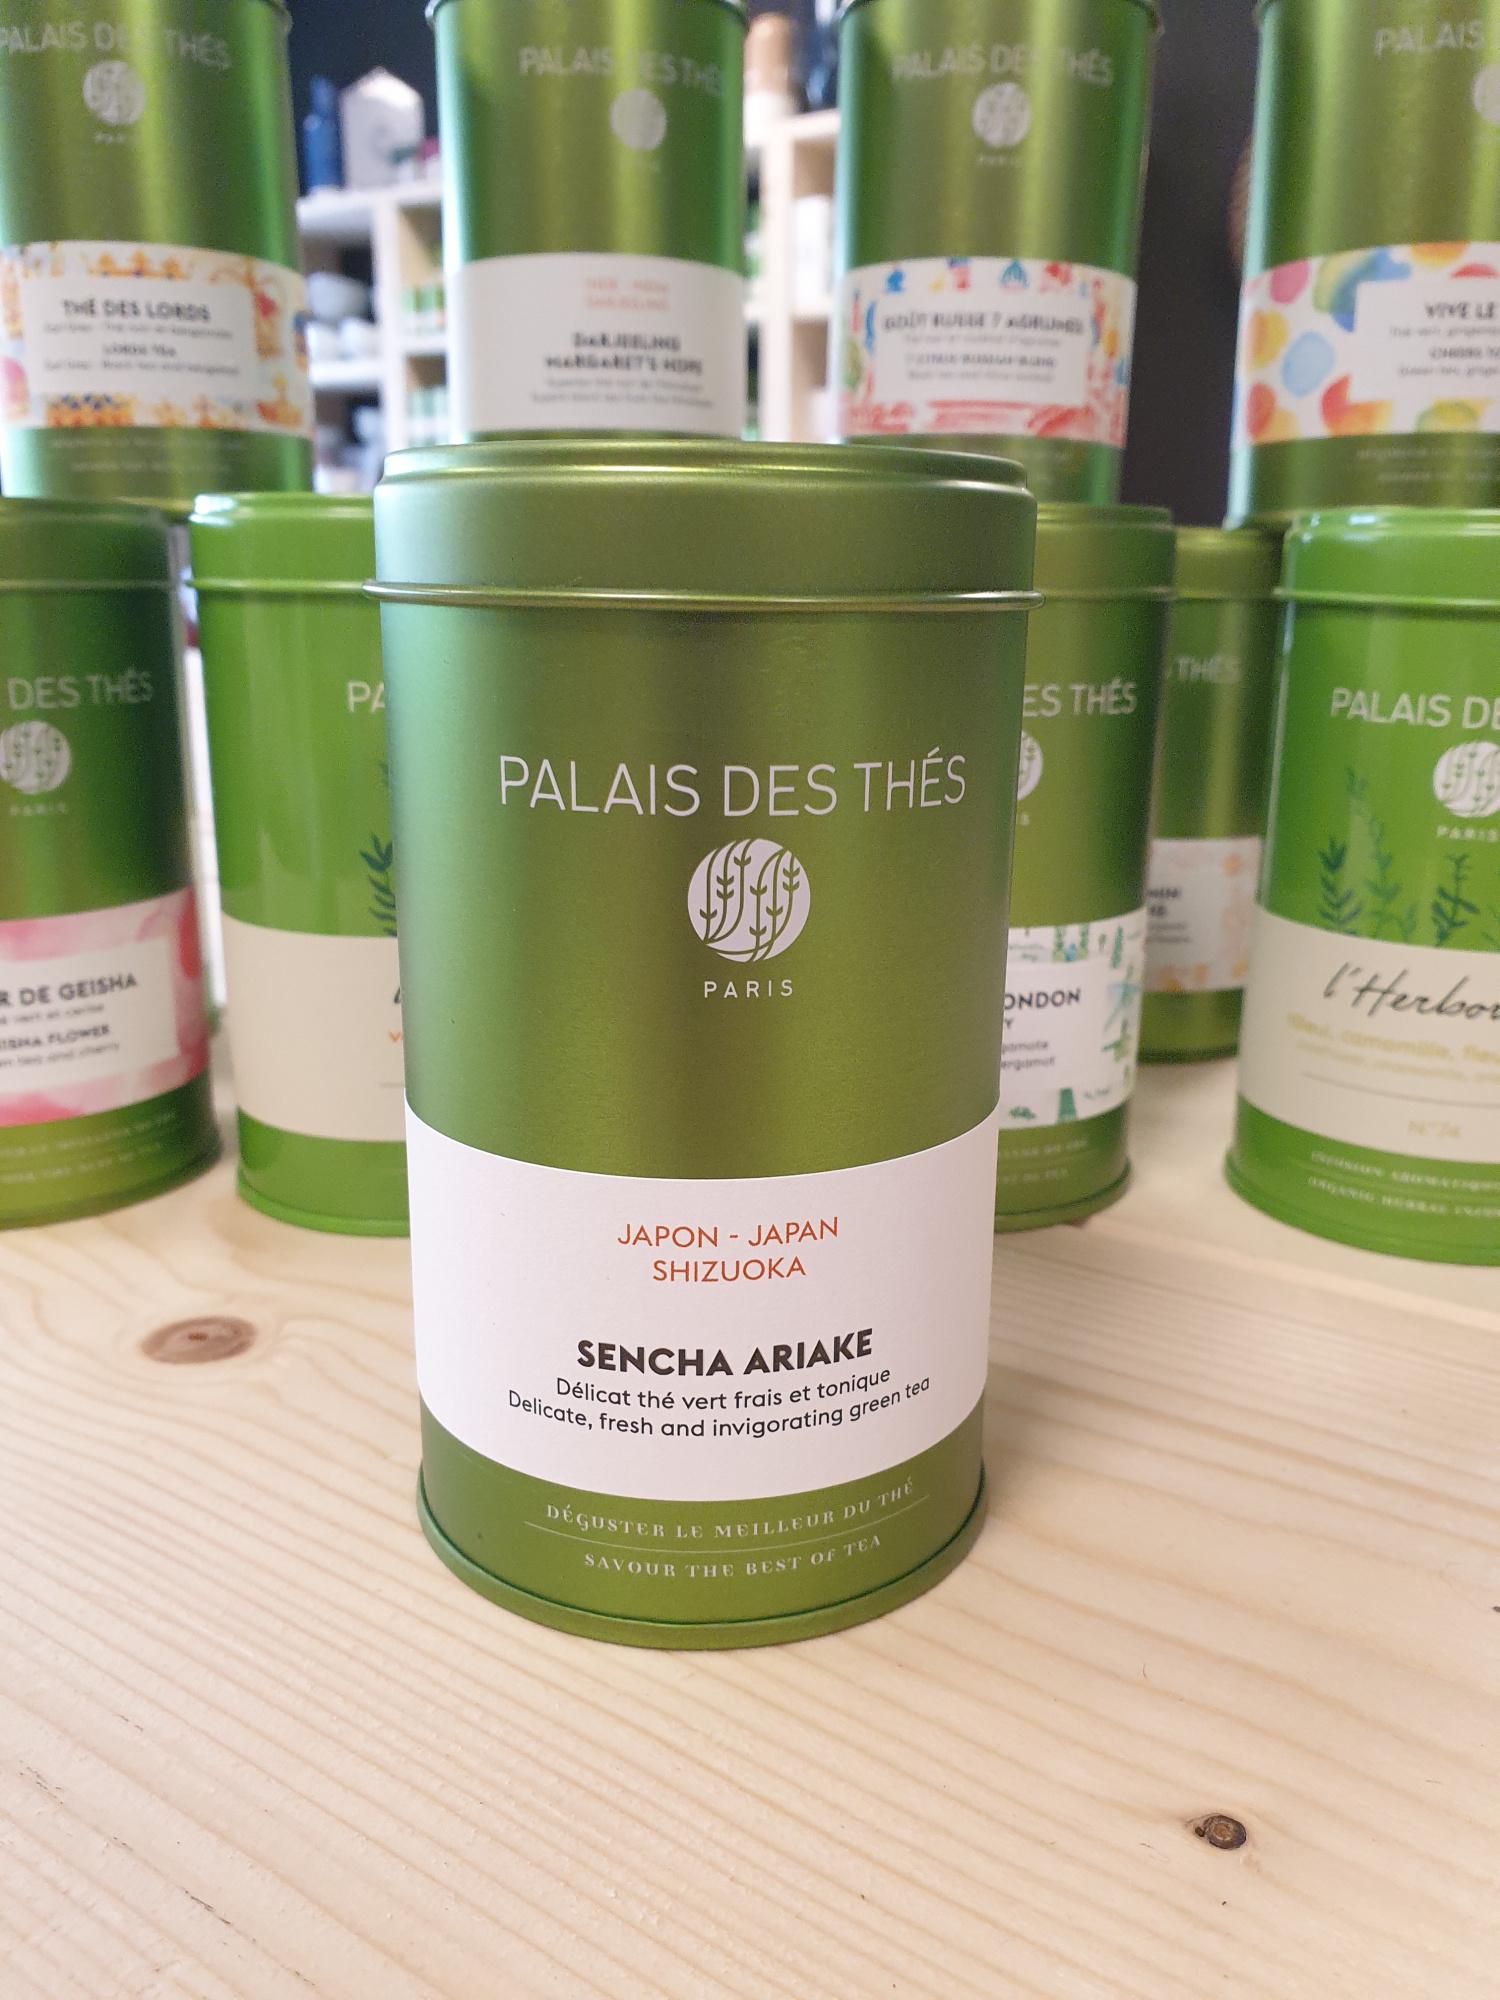 Sencha Ariake Palais des thés (boîte métal 17.50)